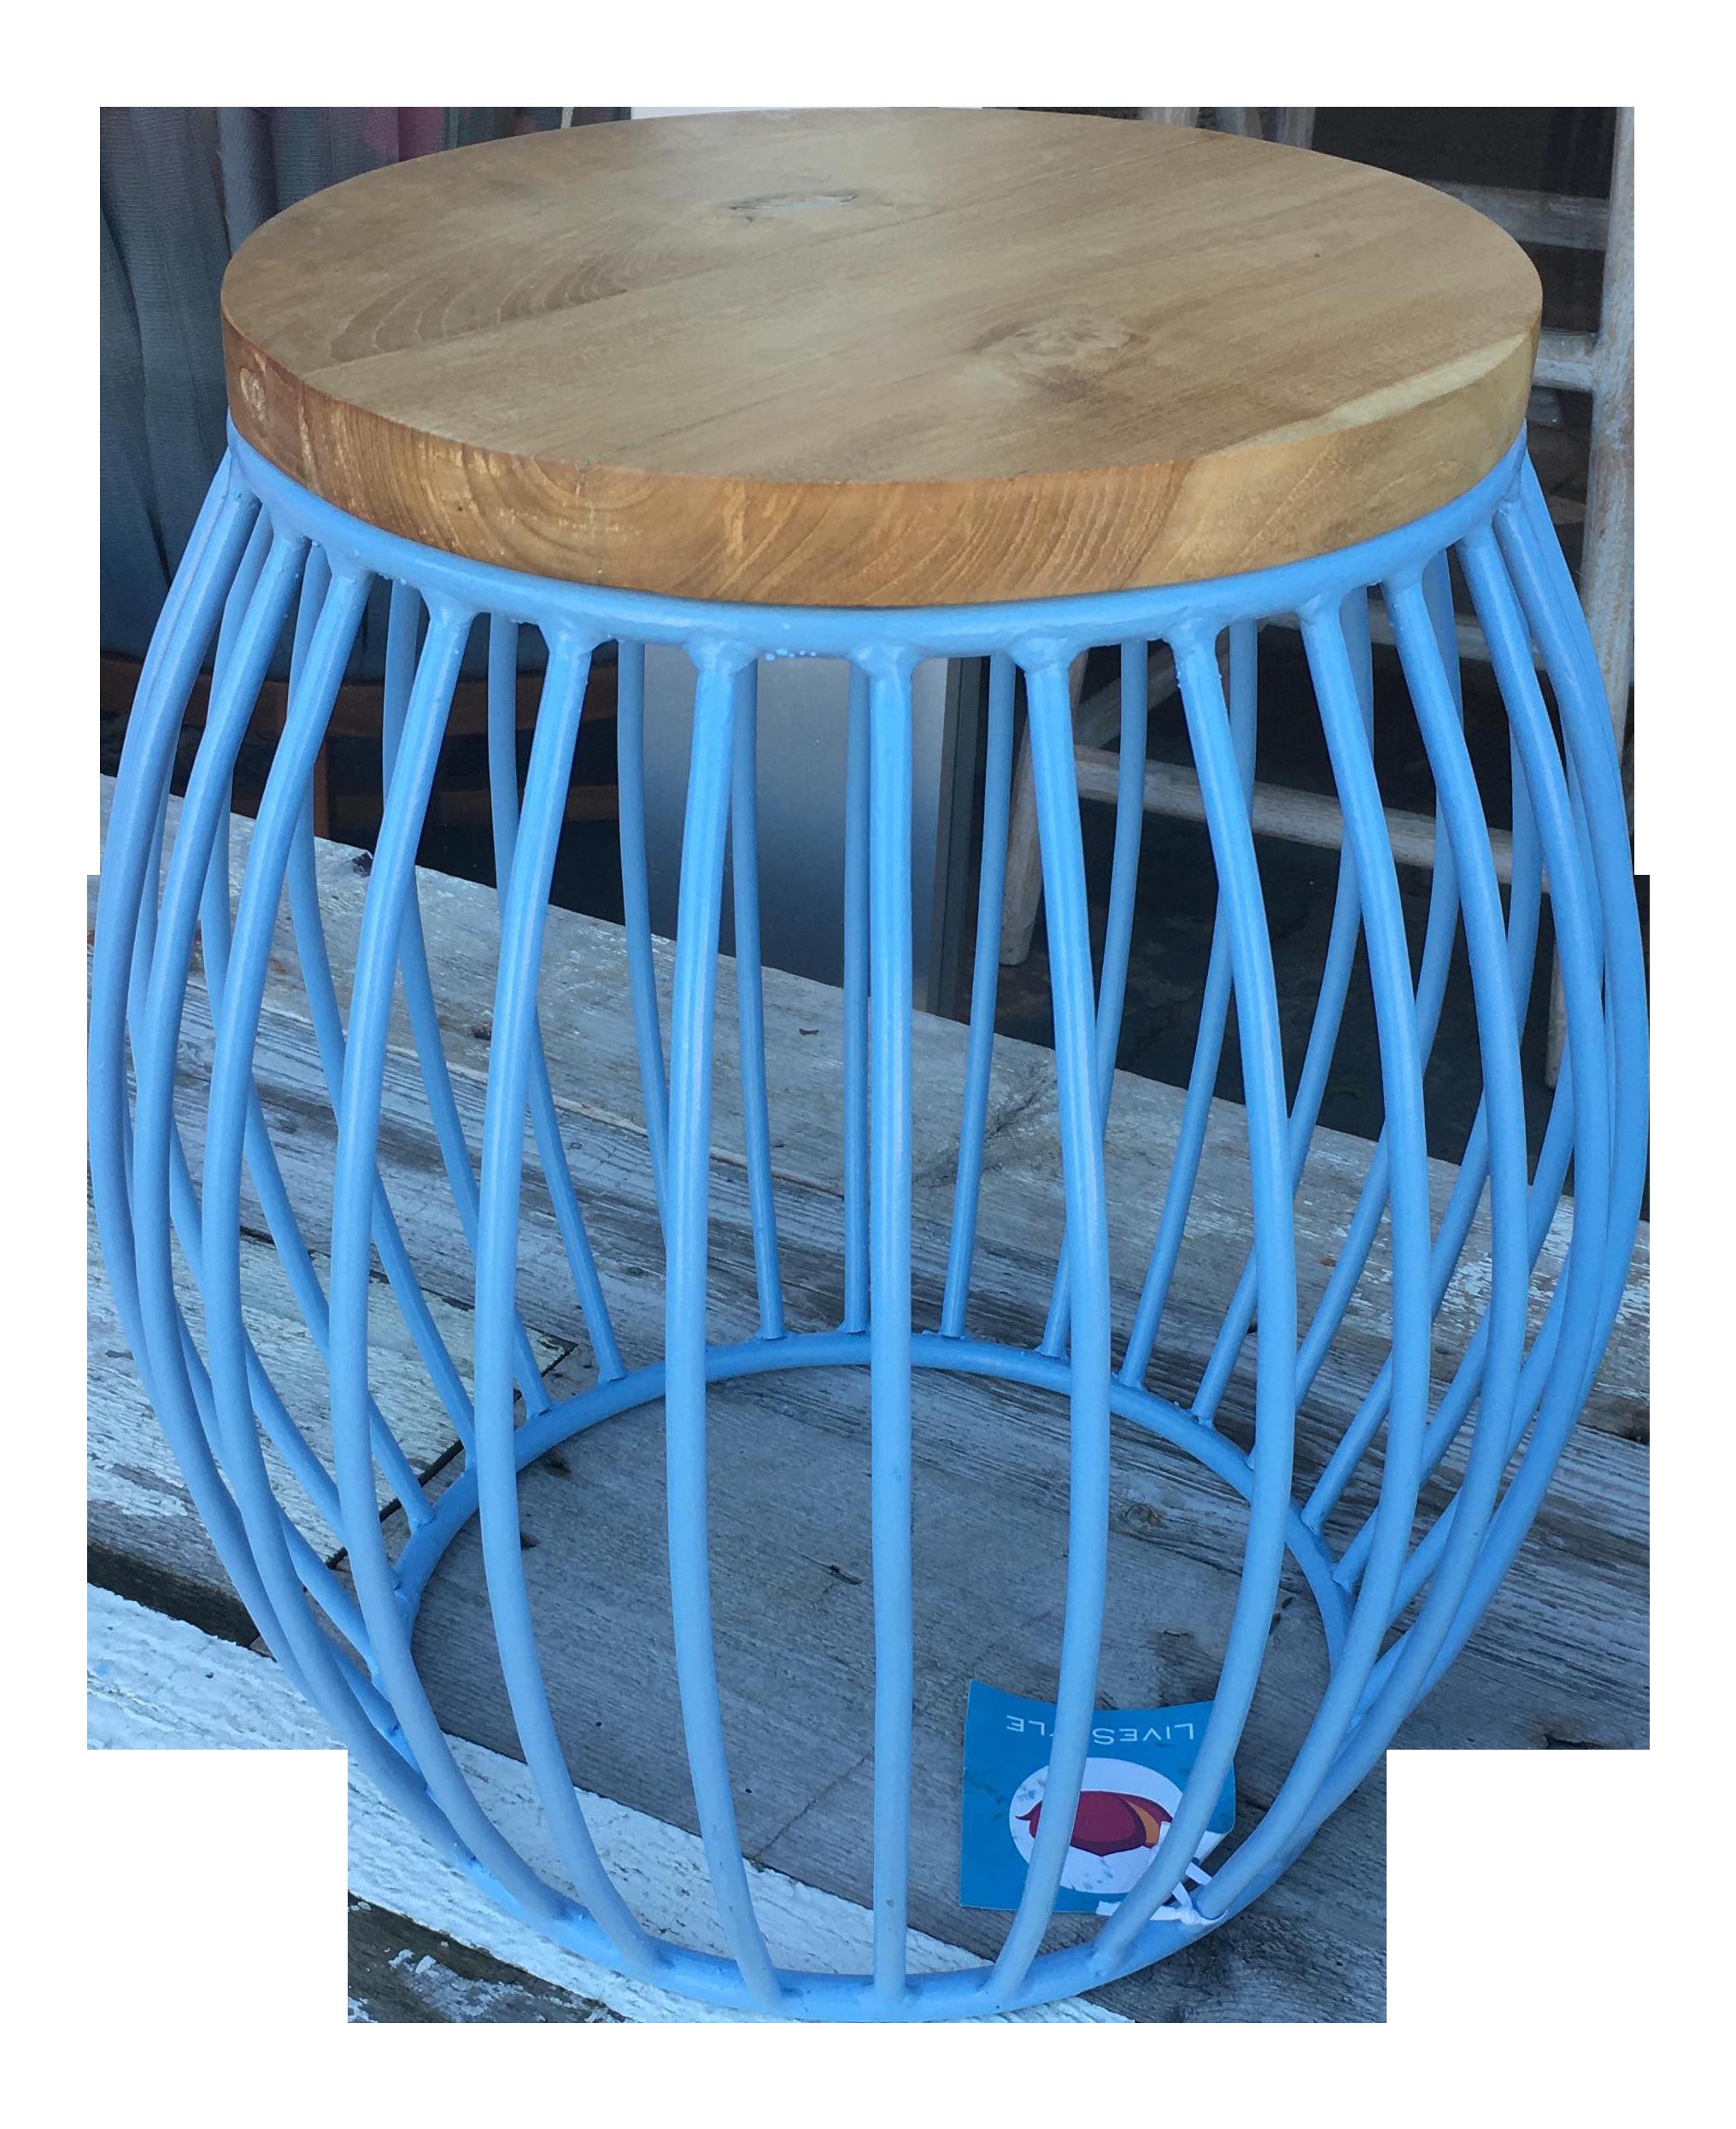 Vintage Amp Used Blue Stools Chairish